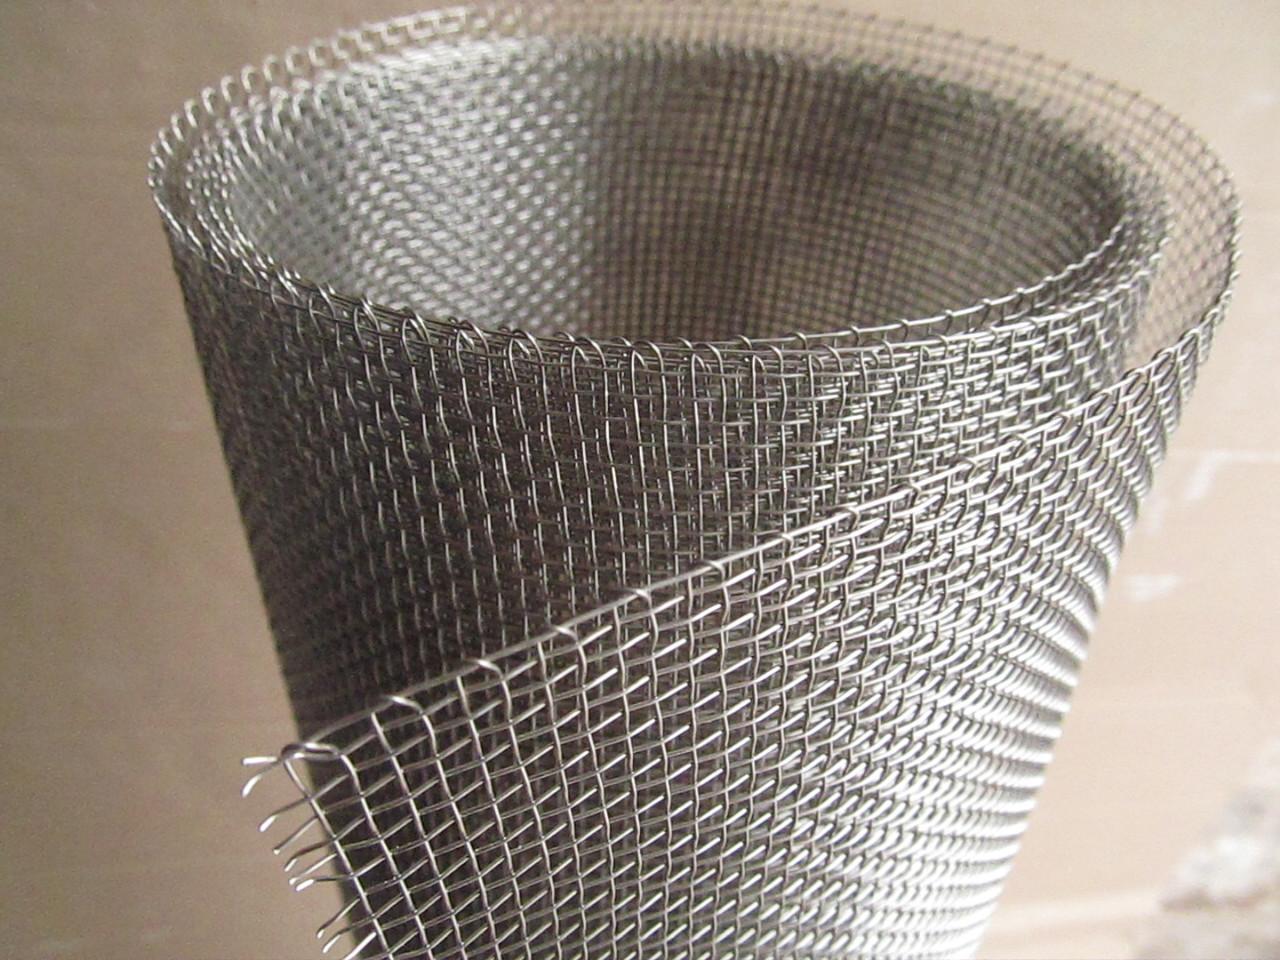 Сетка тканая из нержавеющей проволоки. Ячейка: 3,0мм, Проволока: 1,0мм, Ширина 1м.